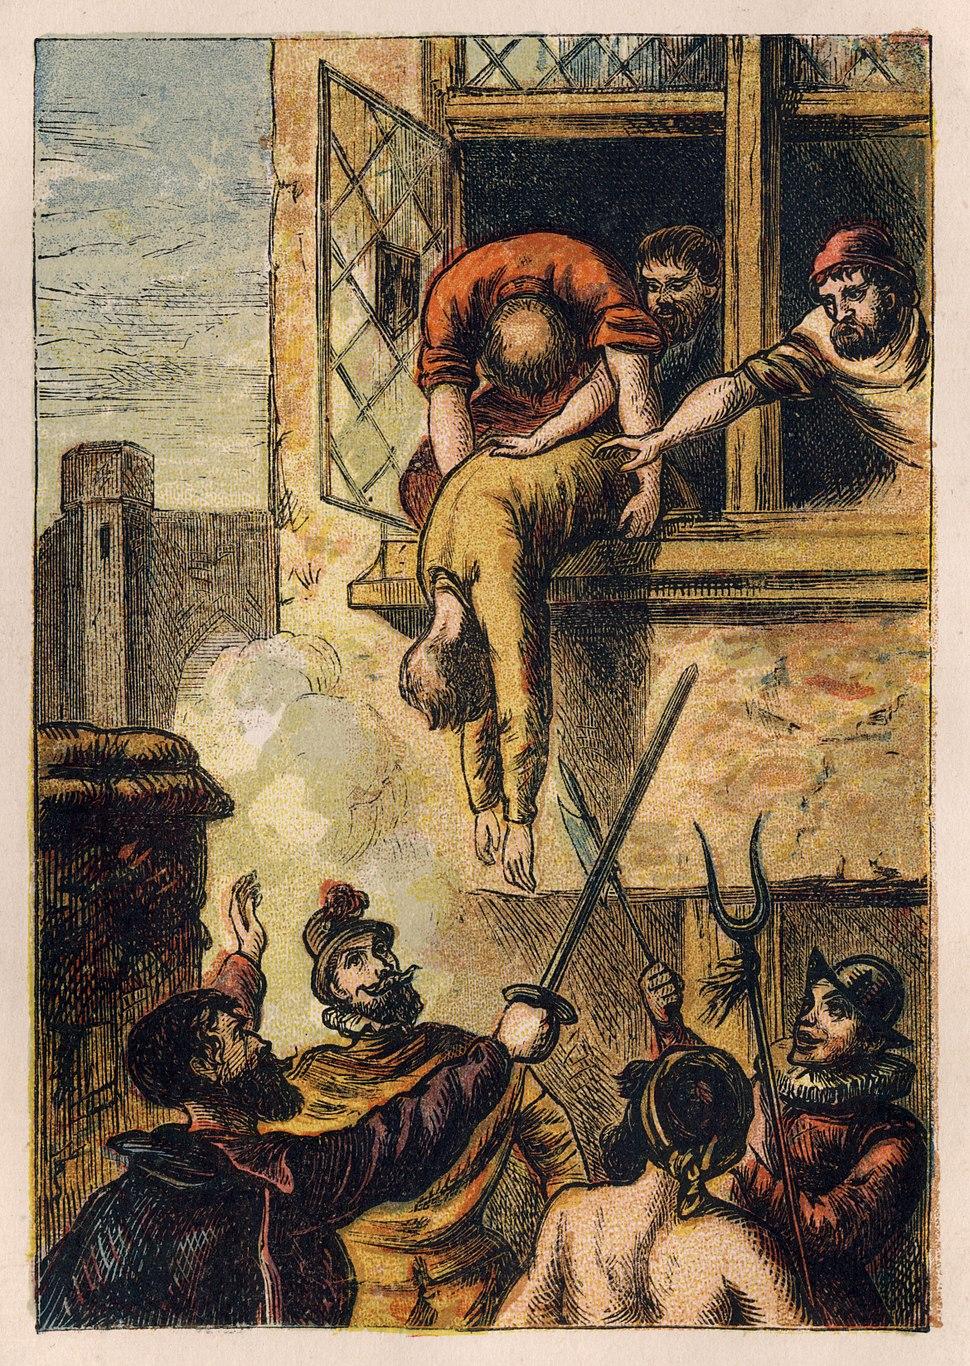 Joseph Martin Kronheim - Foxe's Book of Martyrs Plate II - Death of Admiral de Coligny